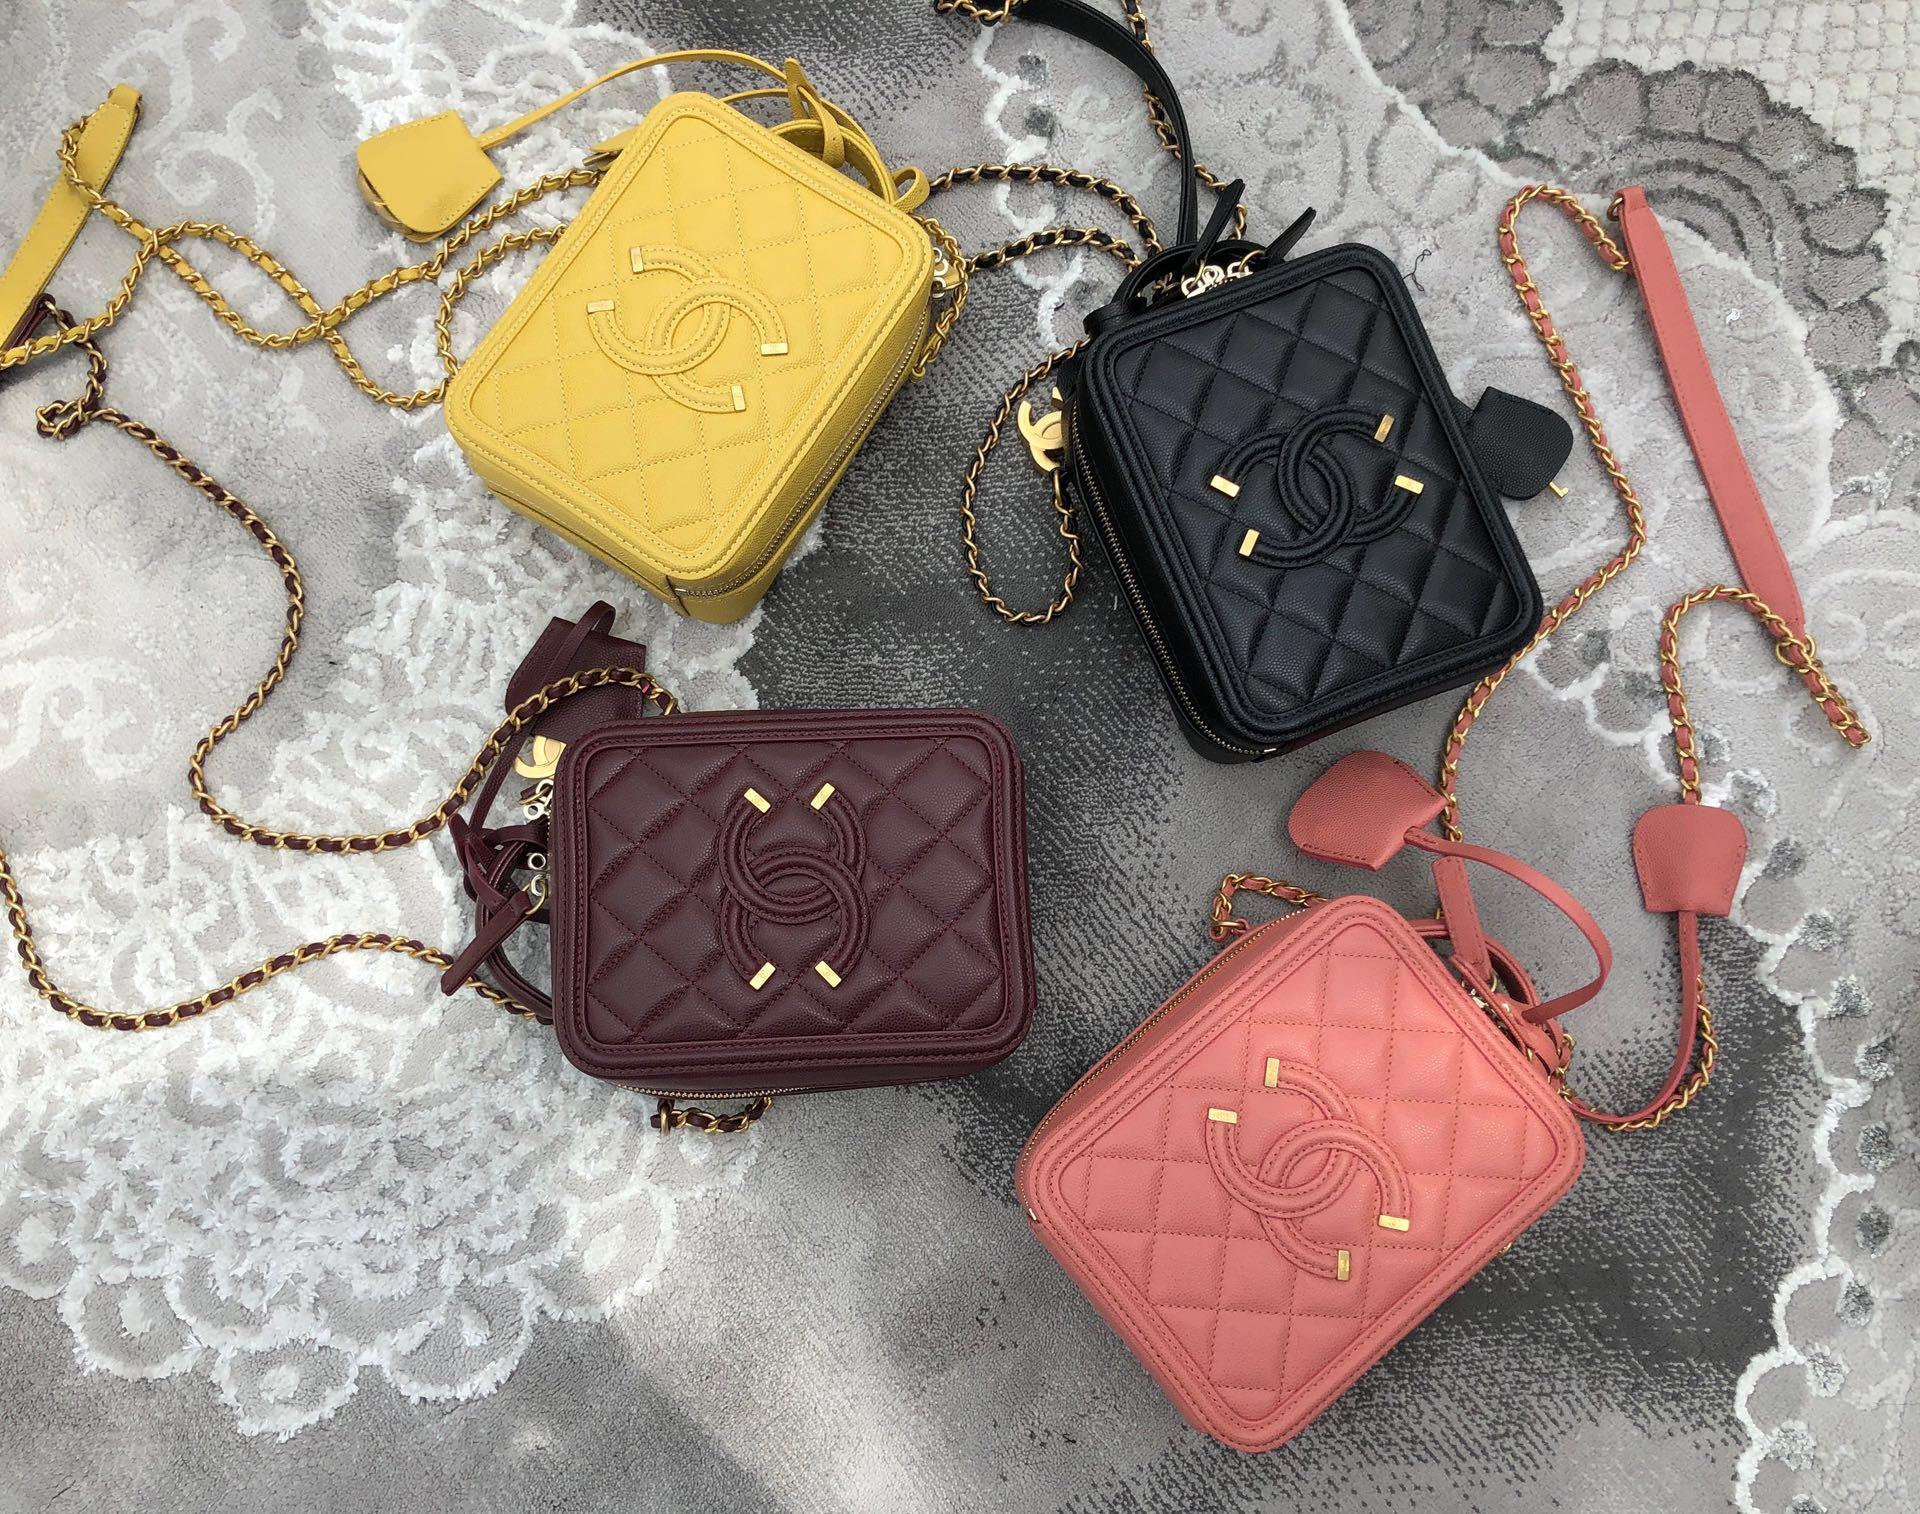 最新款式香奈兒 化妝包 手機包 香奈兒化妝包官網價格